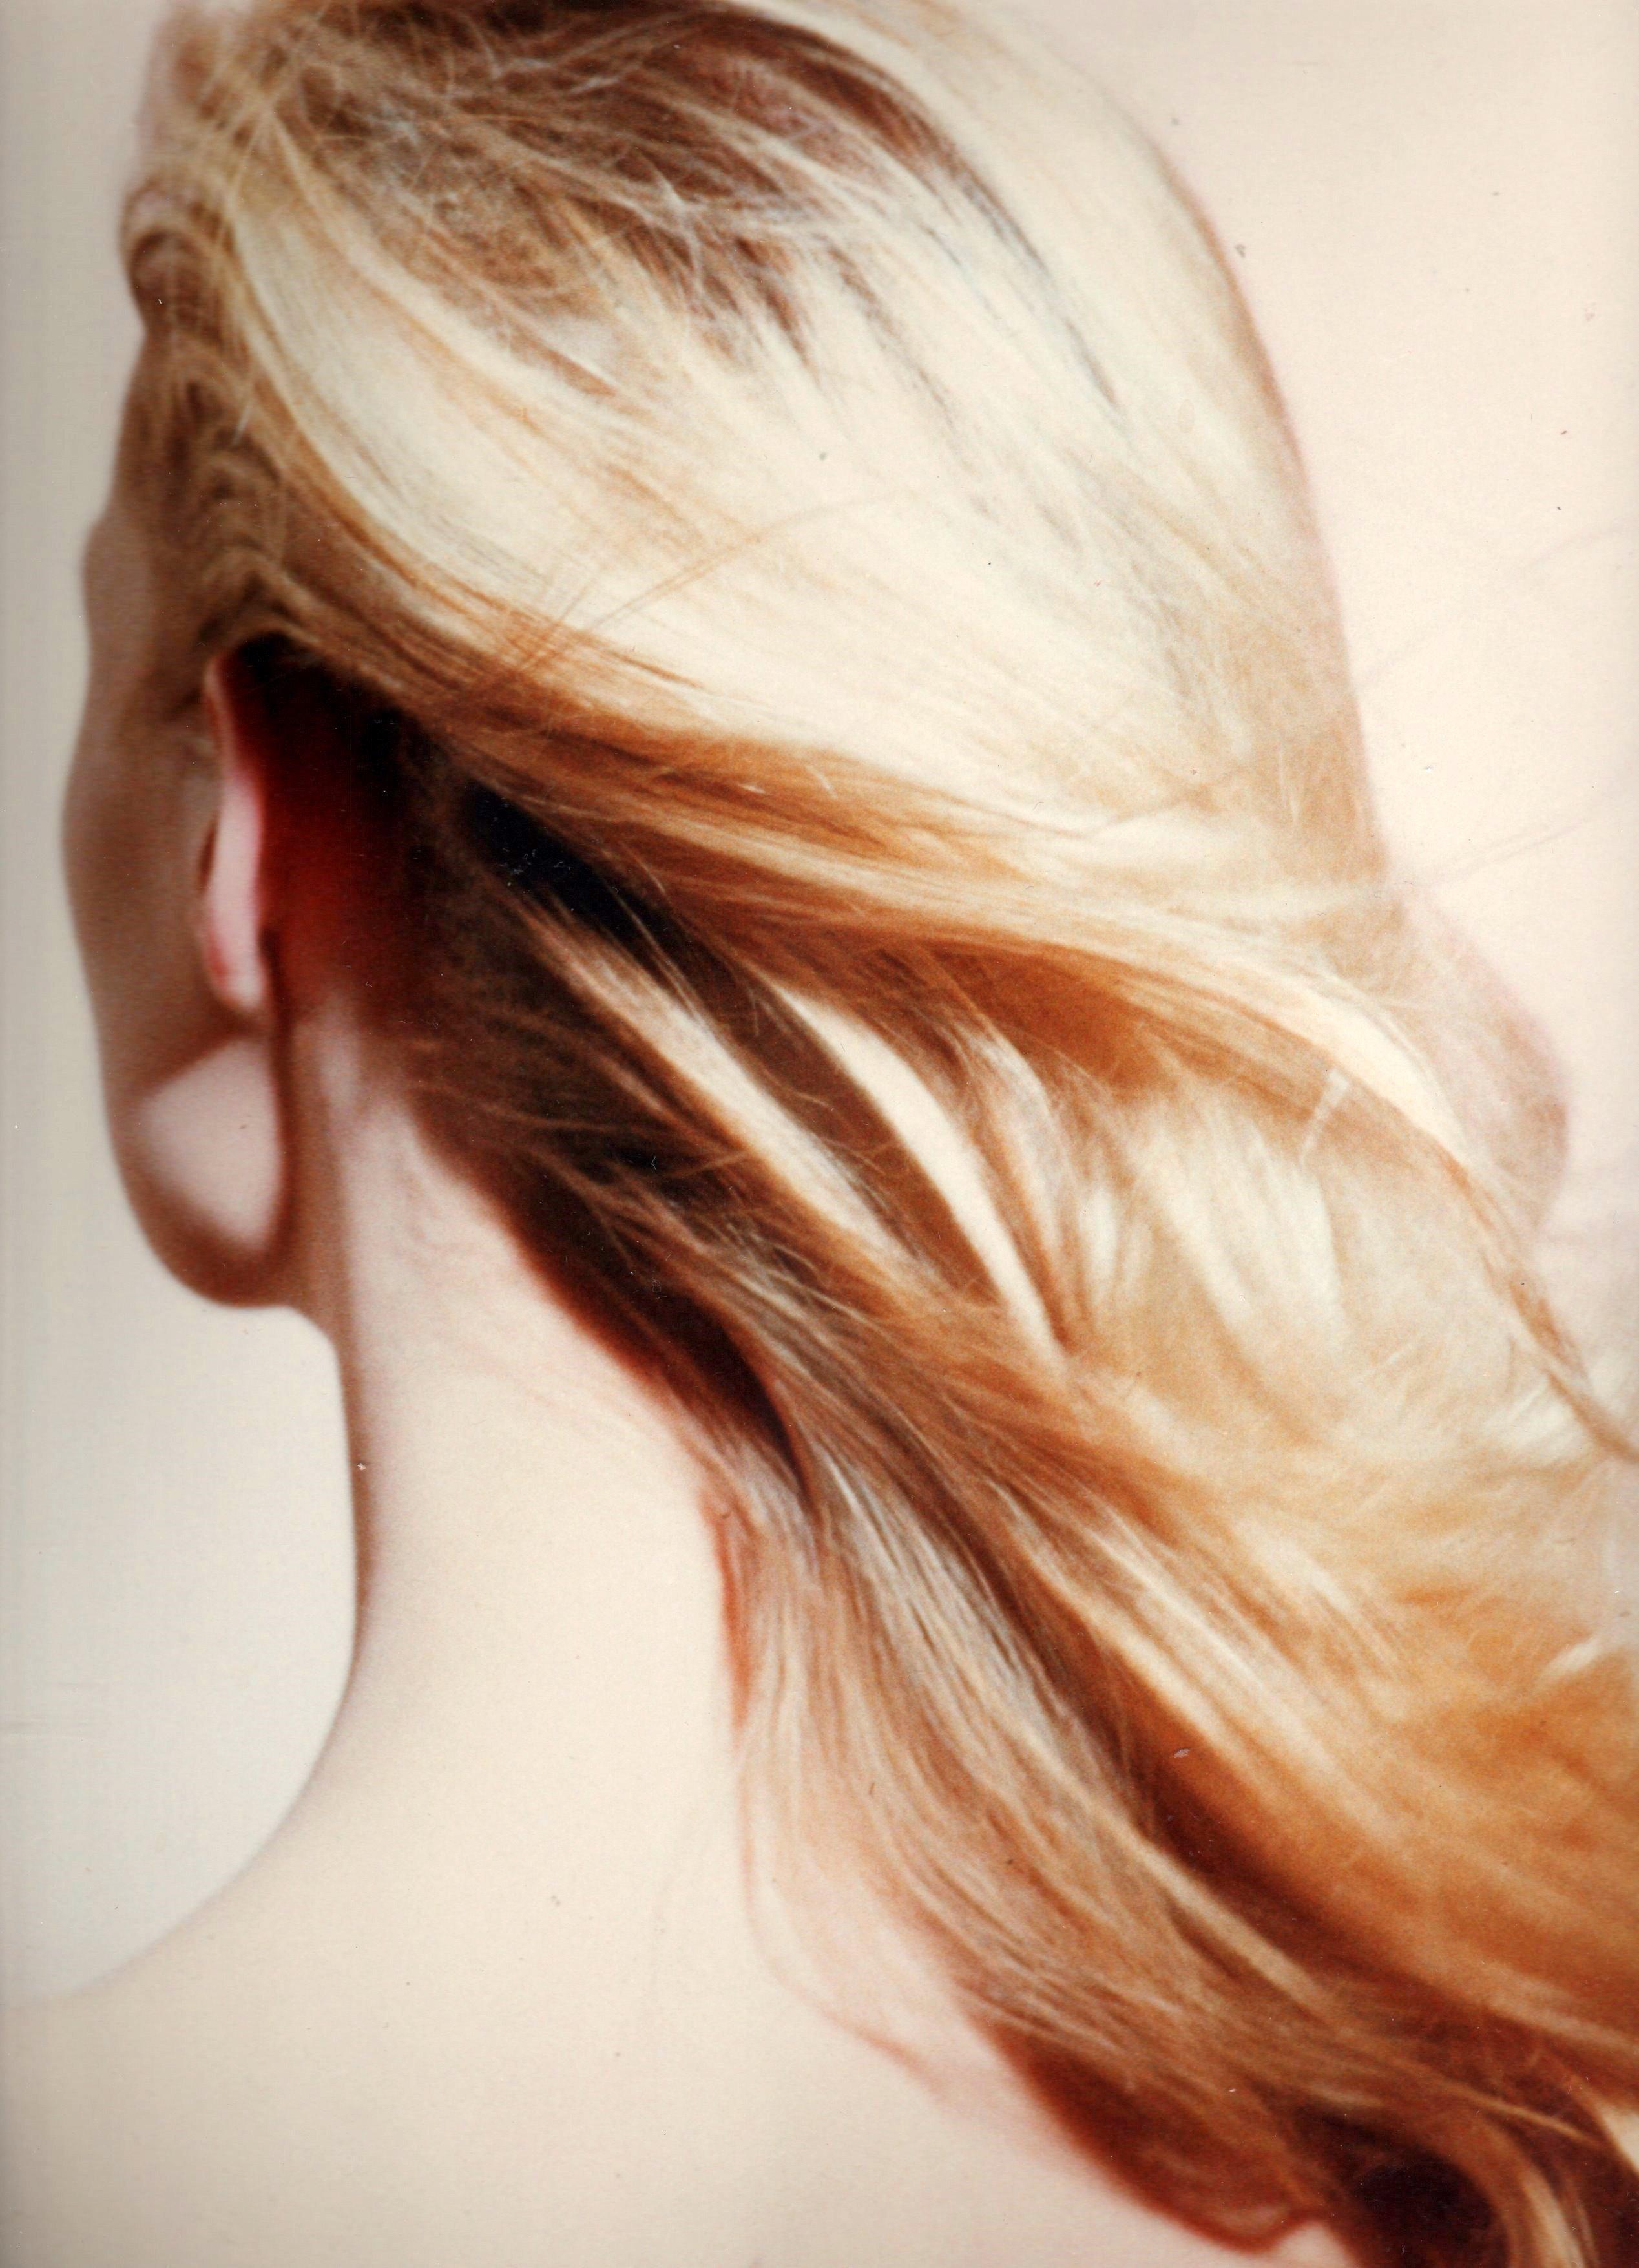 este cabelo de costas  e continuação da foto anterior cabeleireiro(a) docente / professor(a) maquiador(a) stylist /visagista